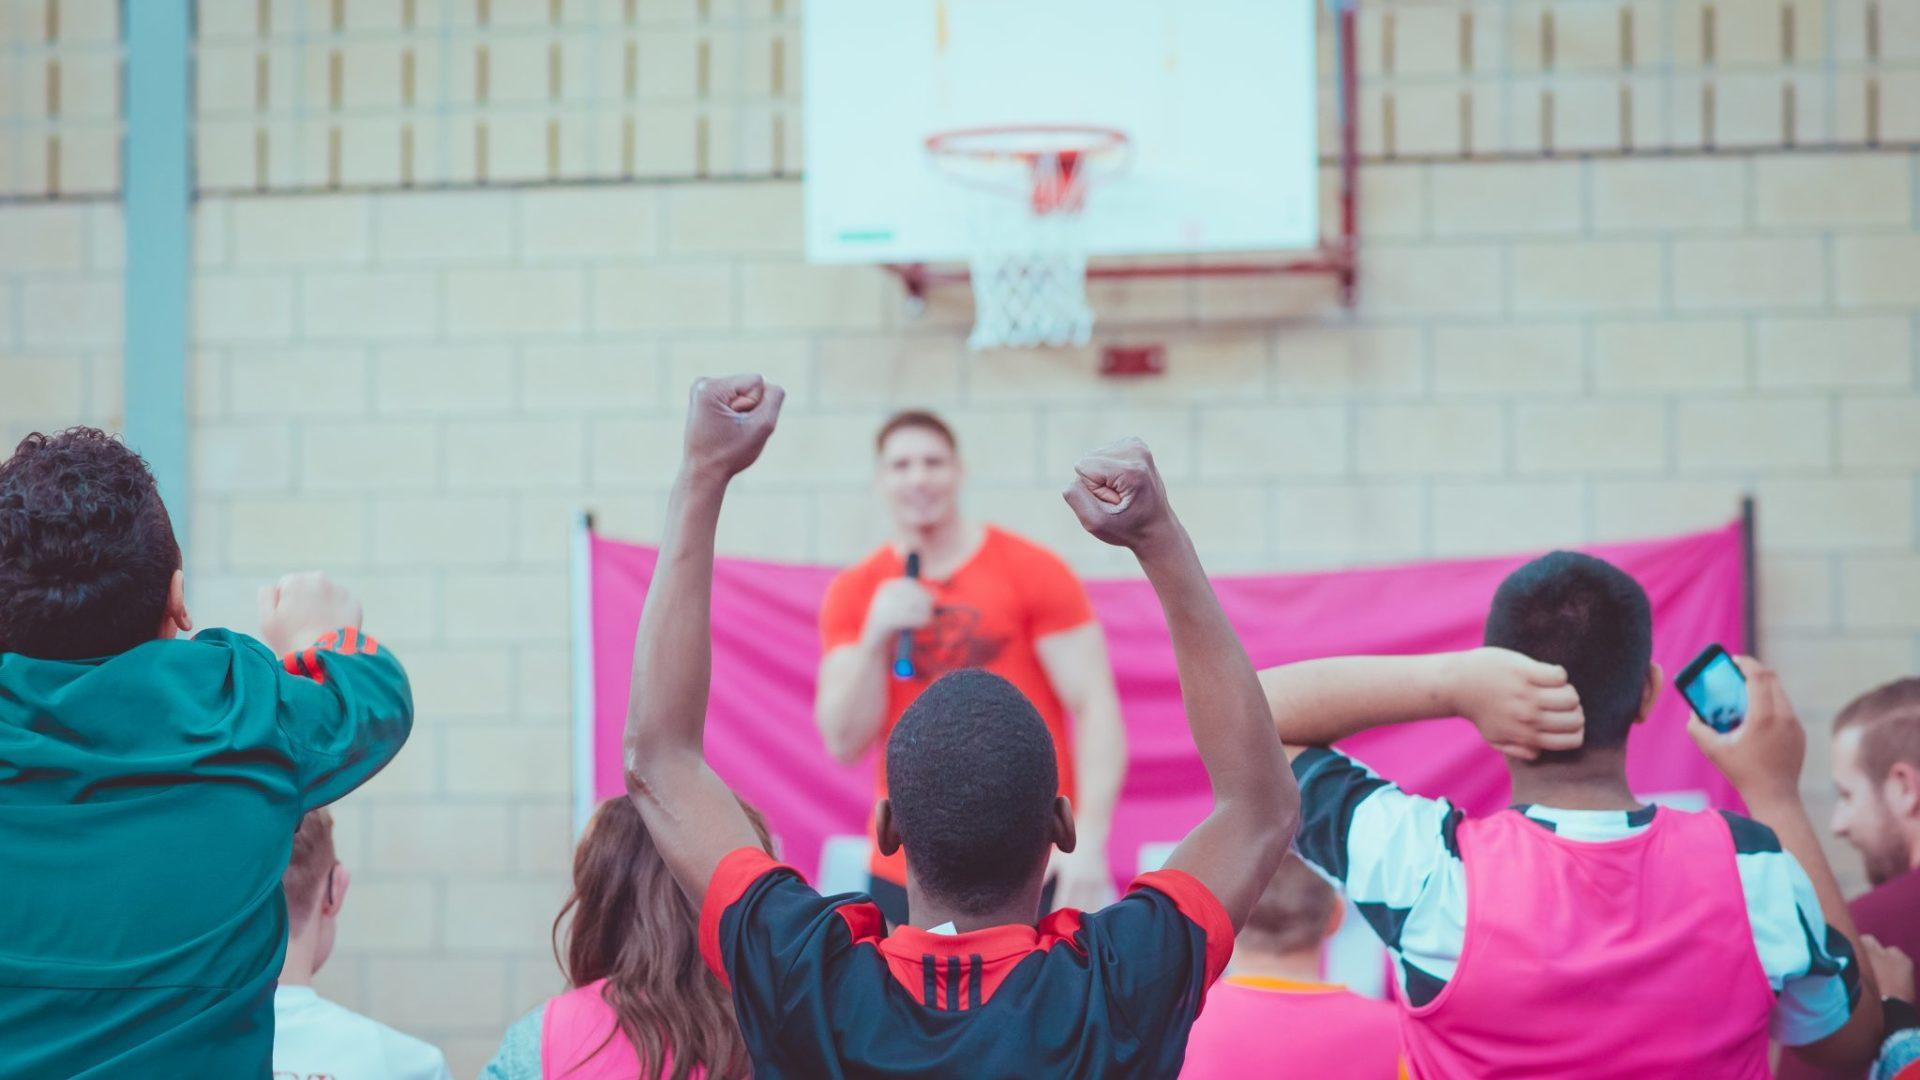 Studenten Zadkine organiseren kickbokschallenge met Rico Verhoeven